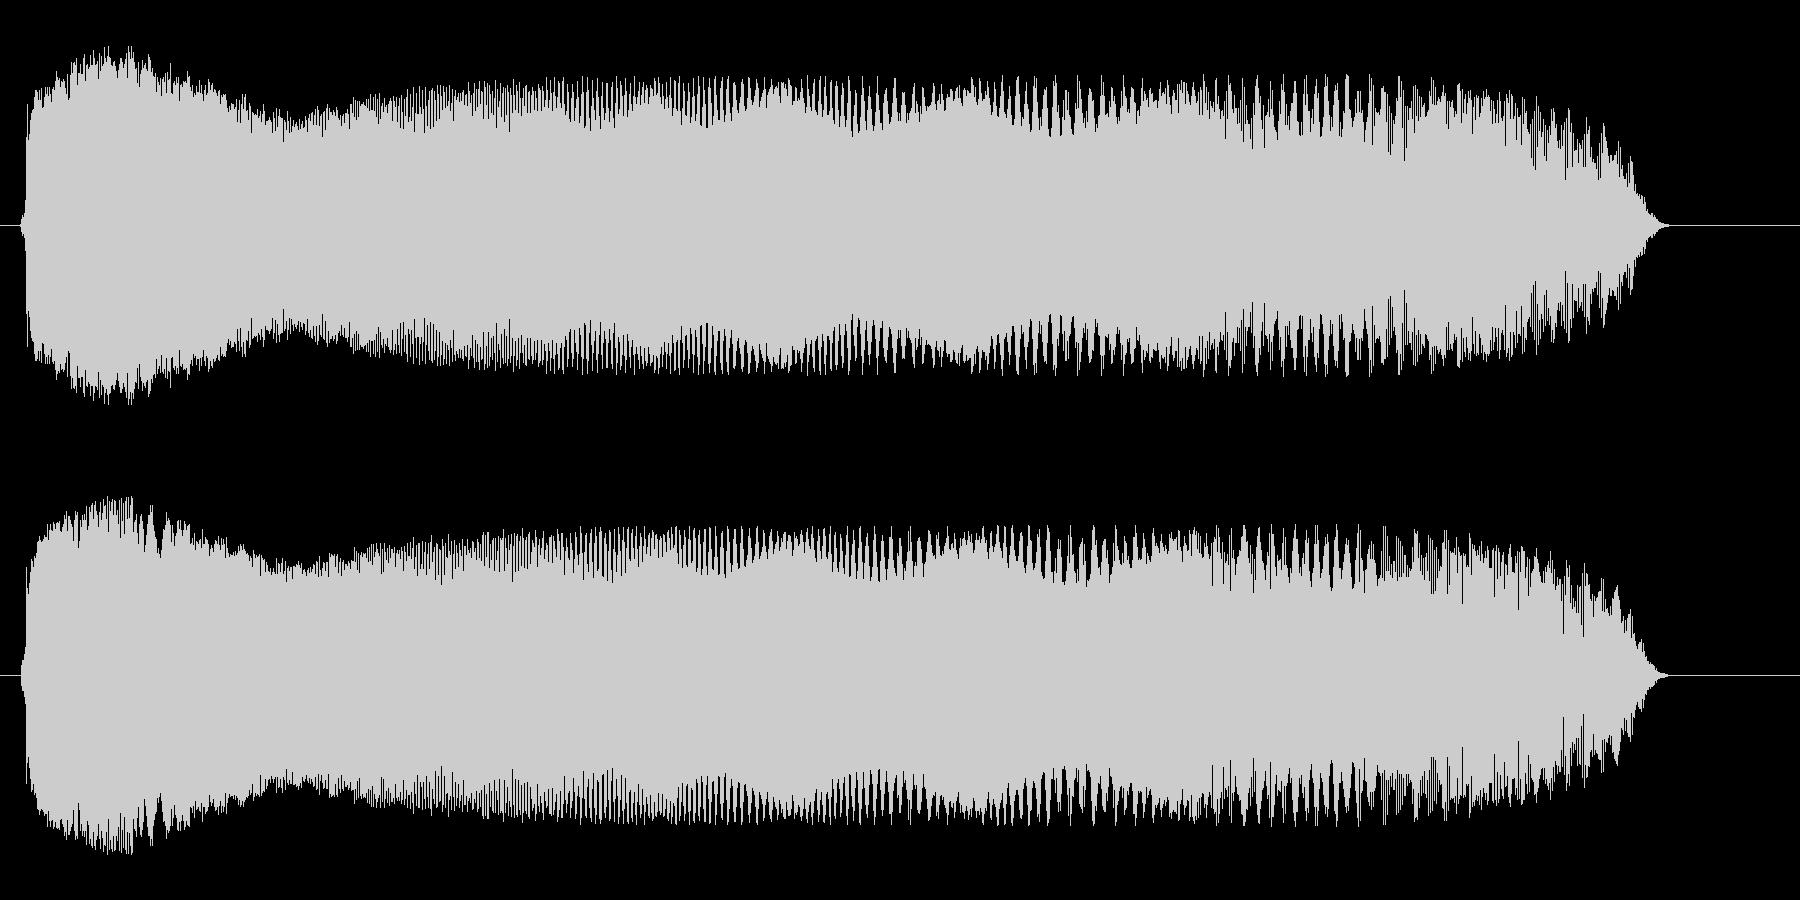 ピョロロロロ(UFOが移動する音)の未再生の波形